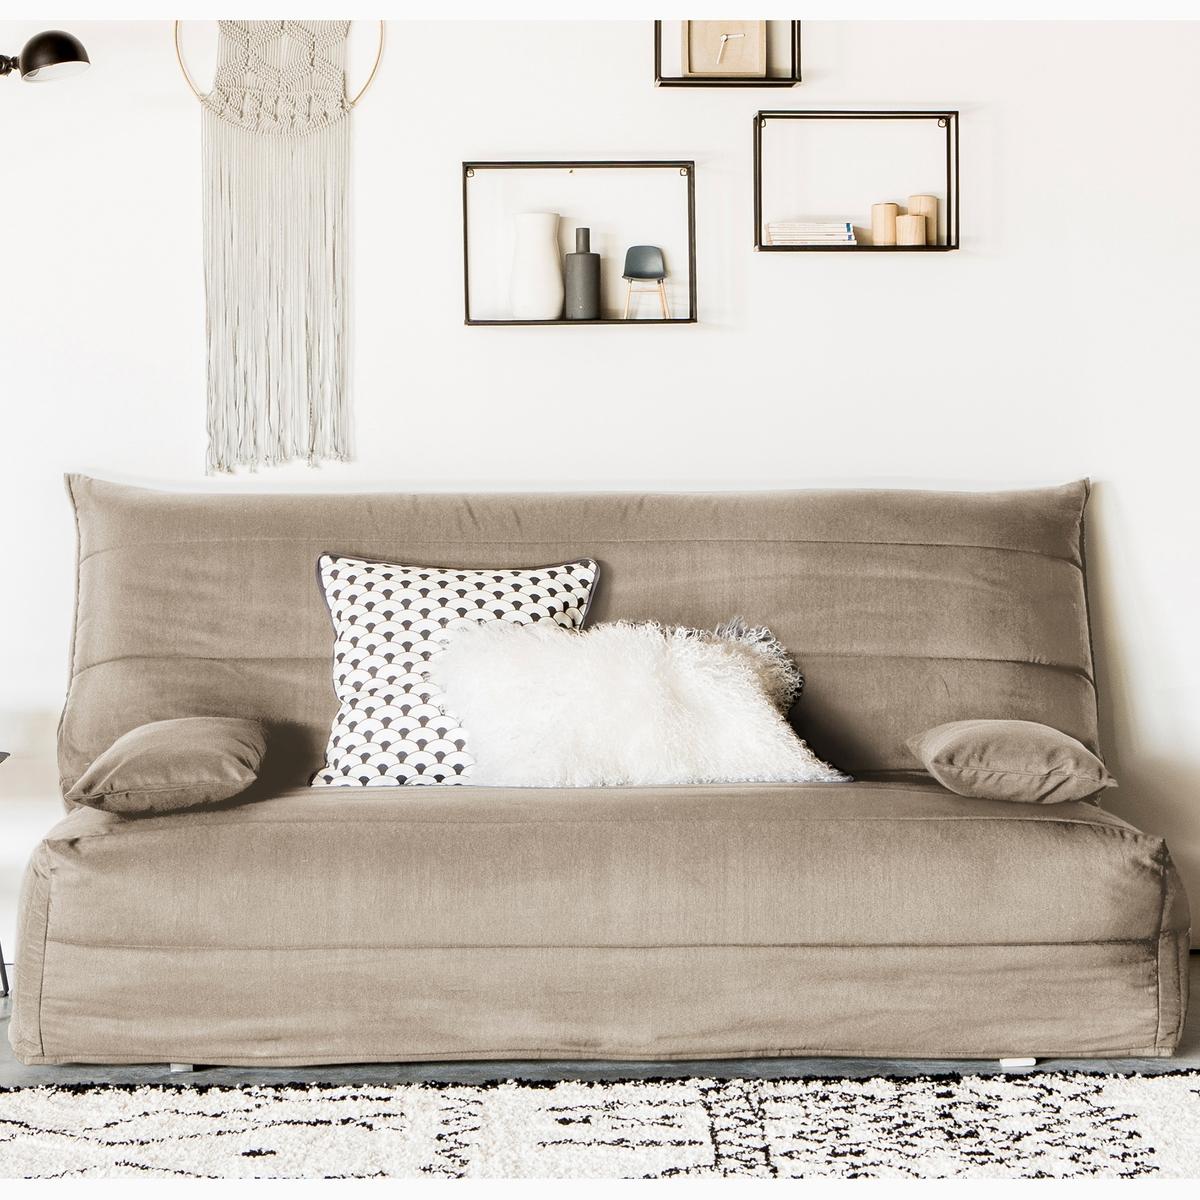 Чехол La Redoute Стеганый из поликоттона для дивана-аккордеона 140 см бежевый